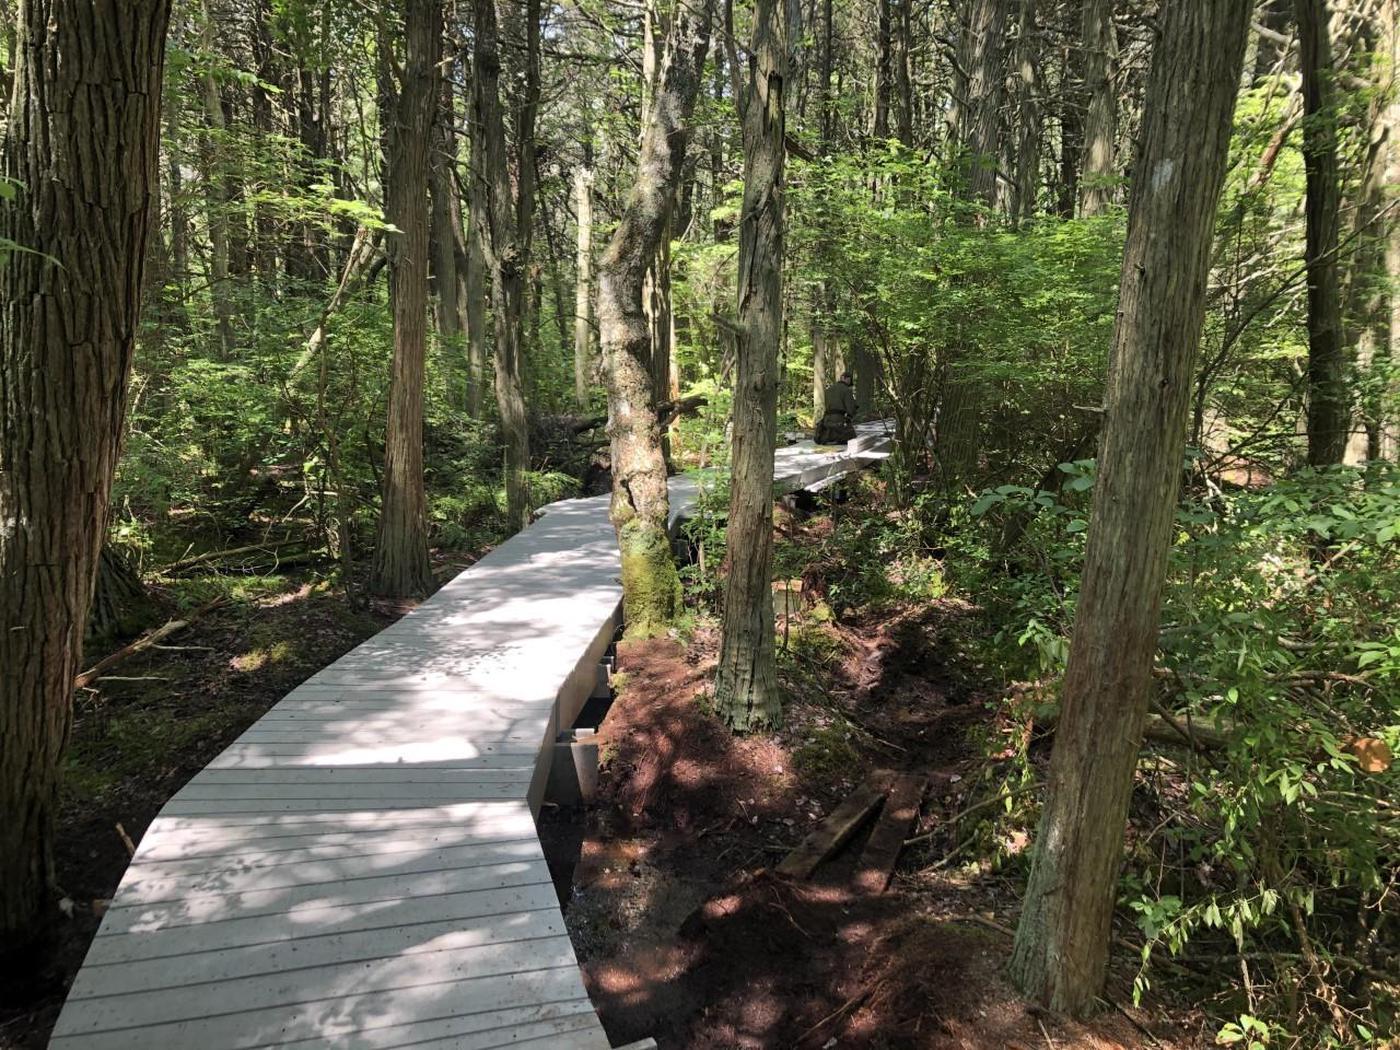 Atlantic White Cedar Swamp TrailThis popular trail takes visitors through the rare habitat of an Atlantic White Cedar swamp.